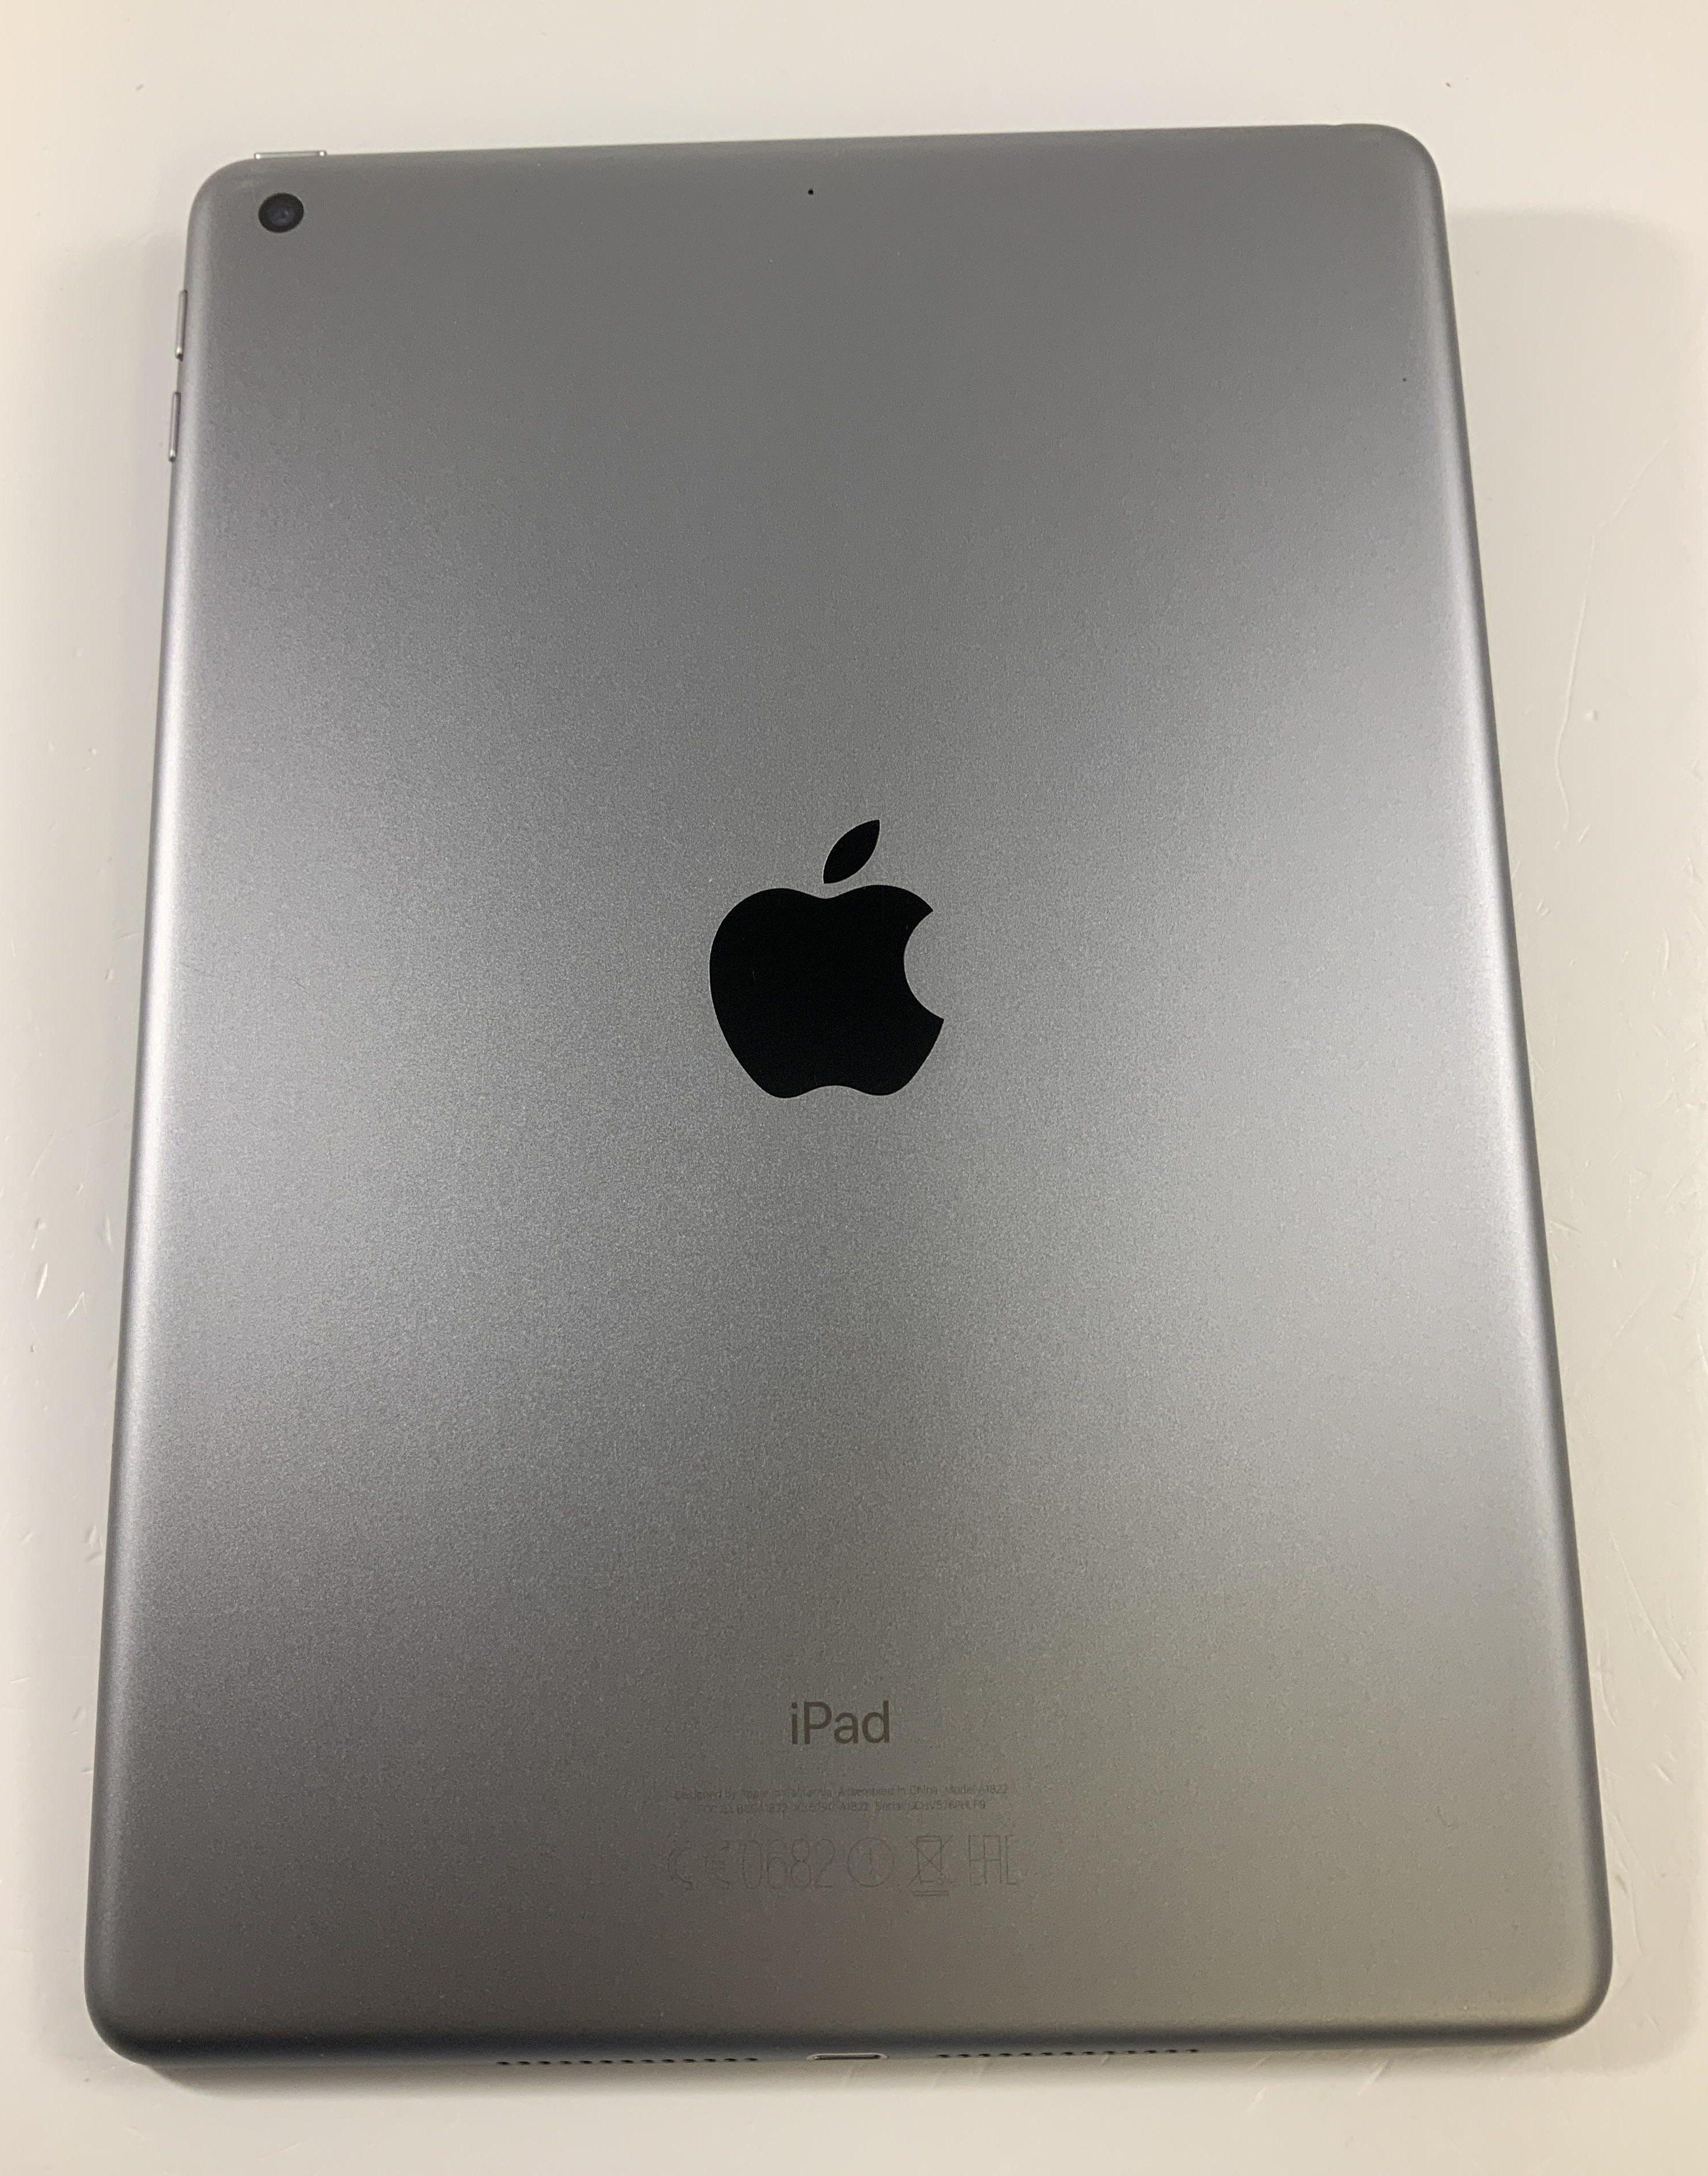 iPad 5 Wi-Fi 32GB, 32GB, Space Gray, immagine 2